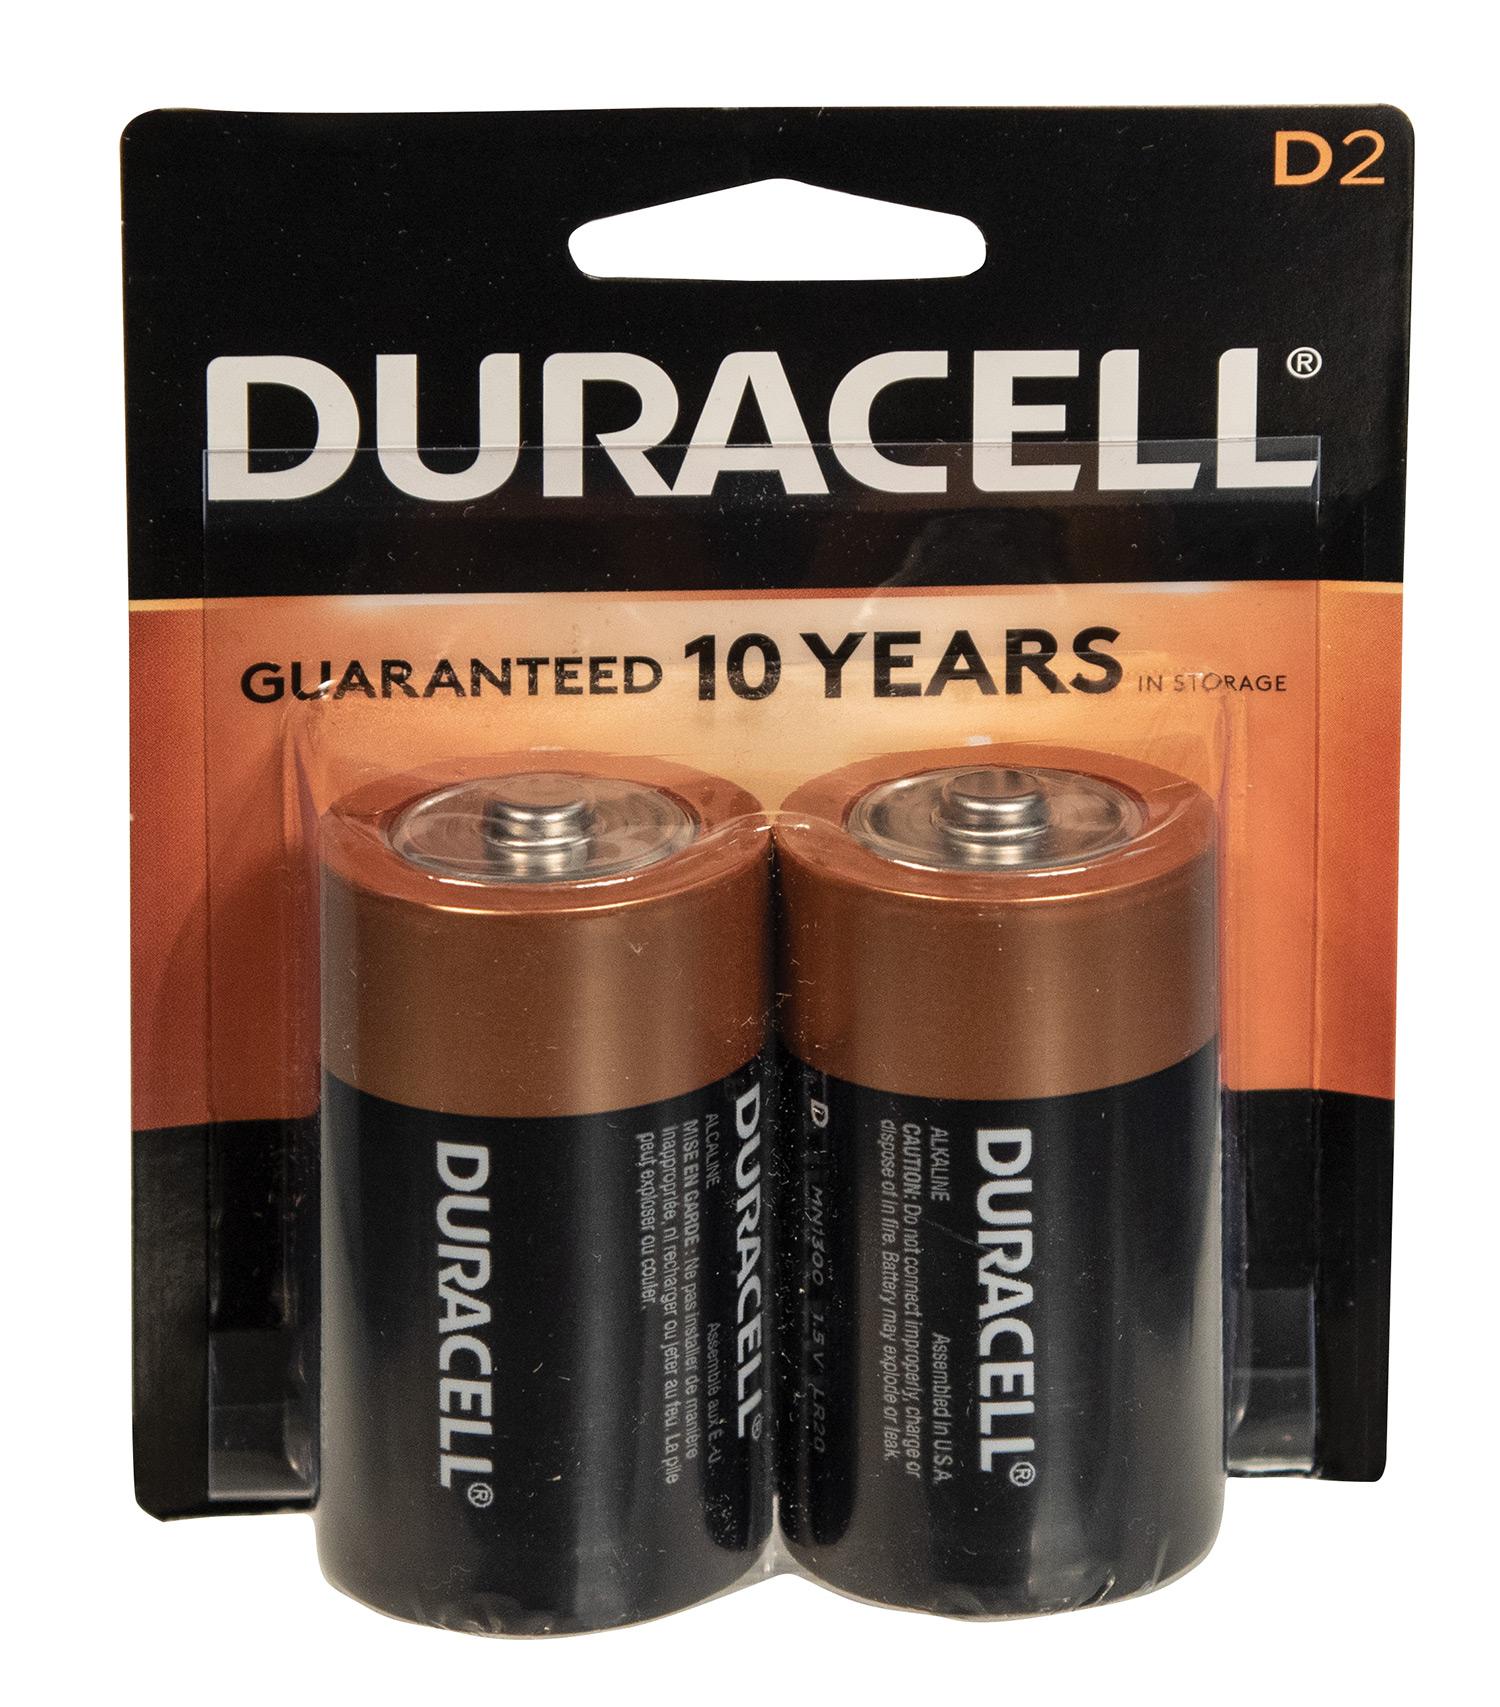 Duracell 2 D Batteries